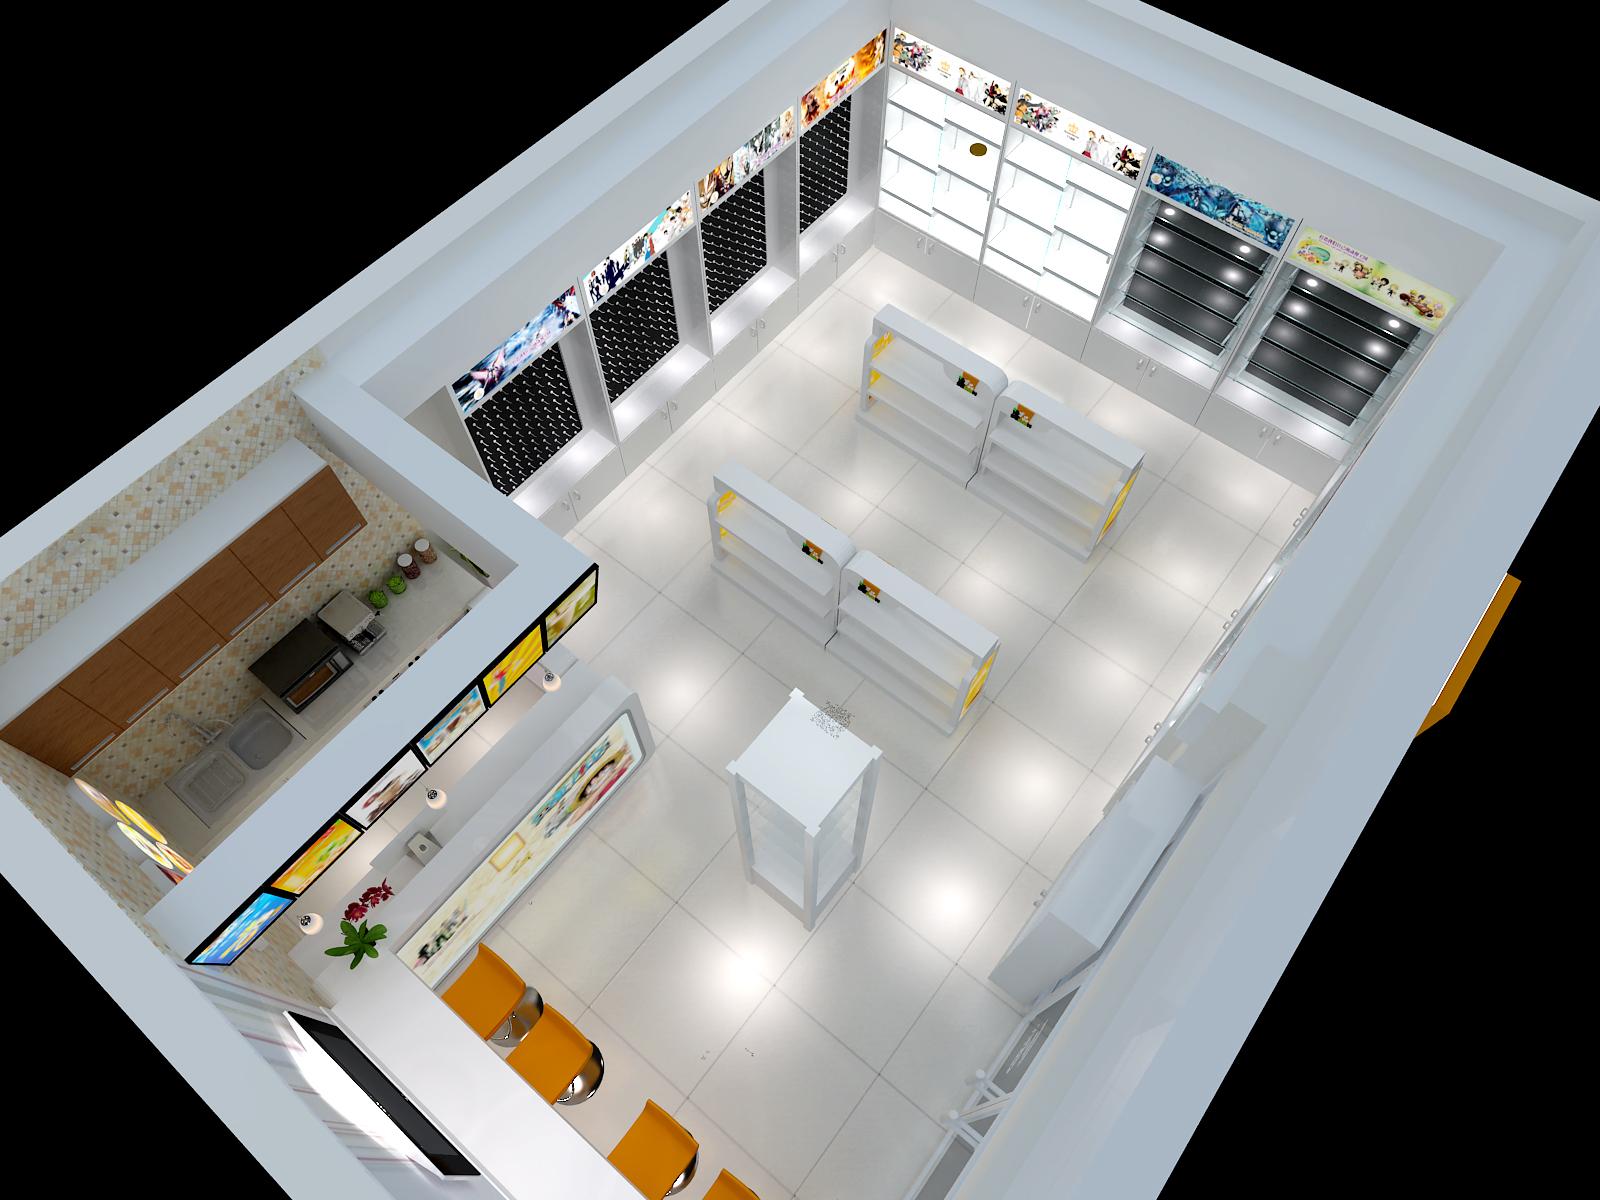 3d效果图饮品店音符店动漫店店铺装修店面室内设计图甜品怎么设计图图片